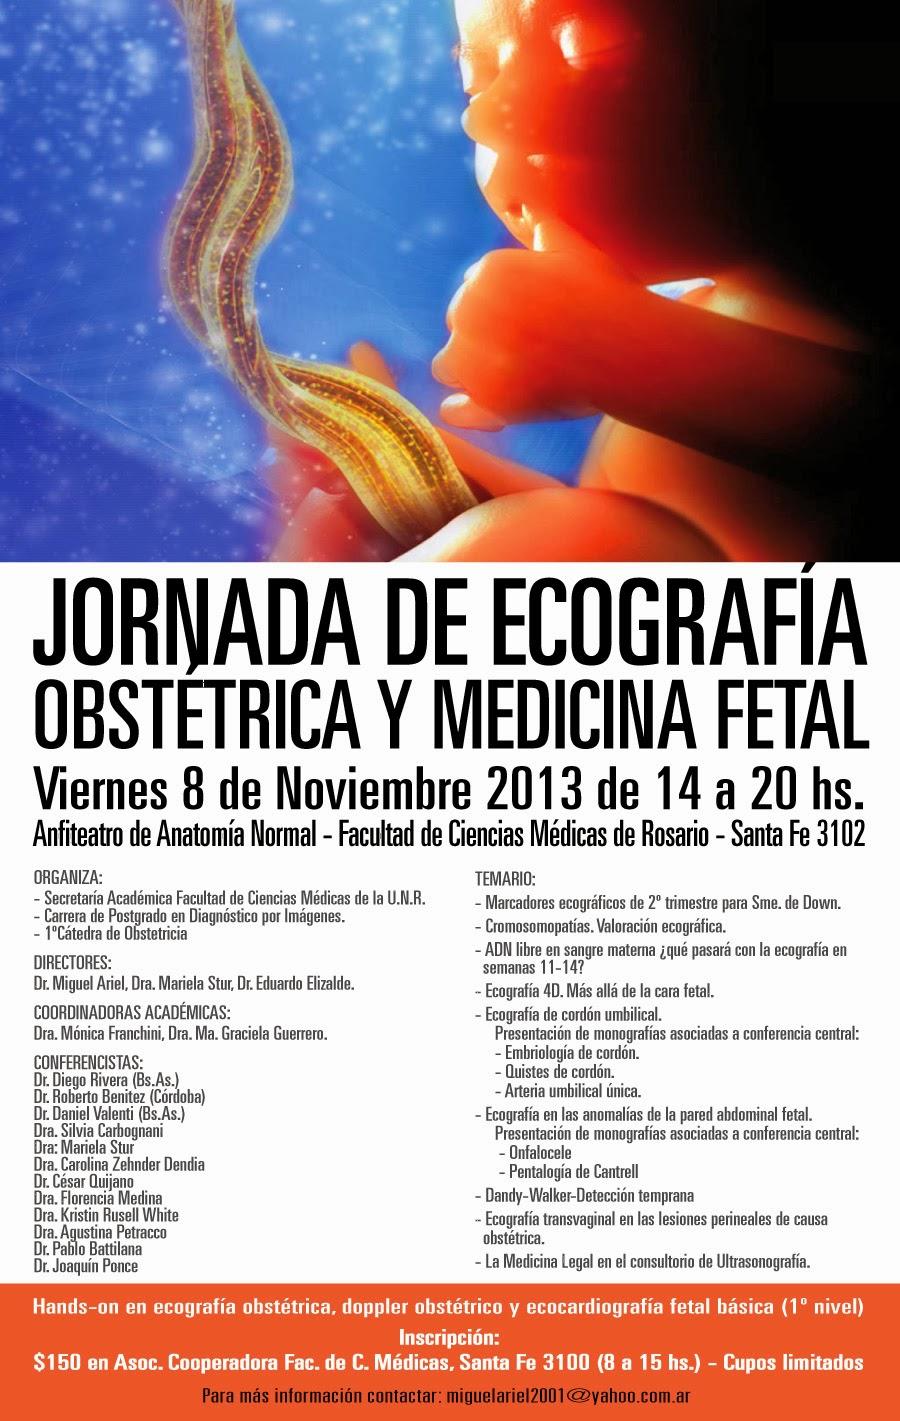 Jornada de Ecografía Obstétrica y Medicina Fetal en Rosario - El ...